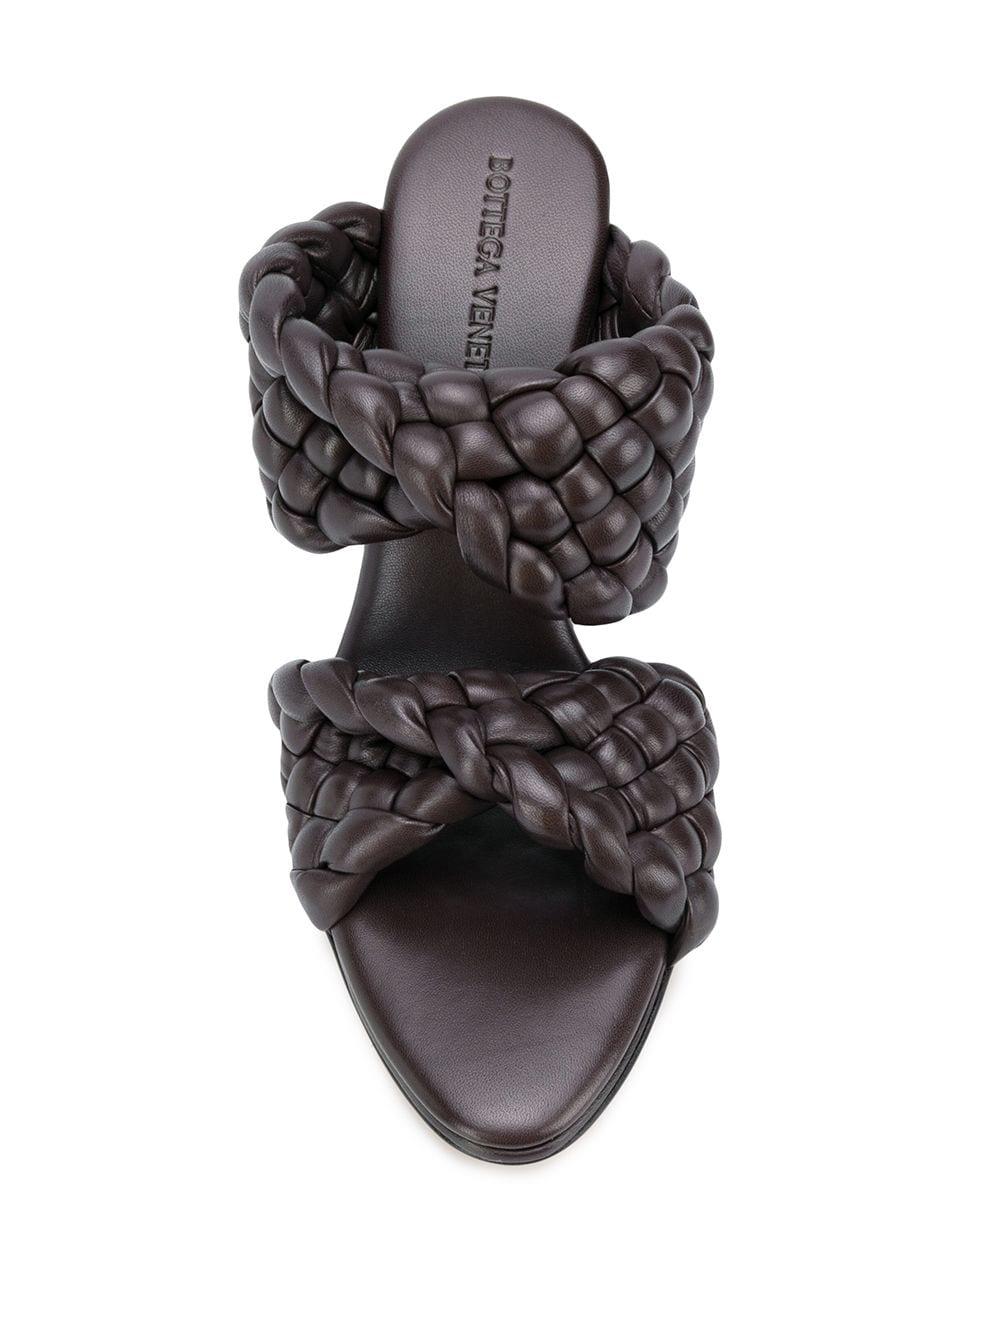 sandali BV Curve in pelle marrone scuro con motivo Intrecciato BOTTEGA VENETA   Scarpe con tacco   618757-VBTG02113